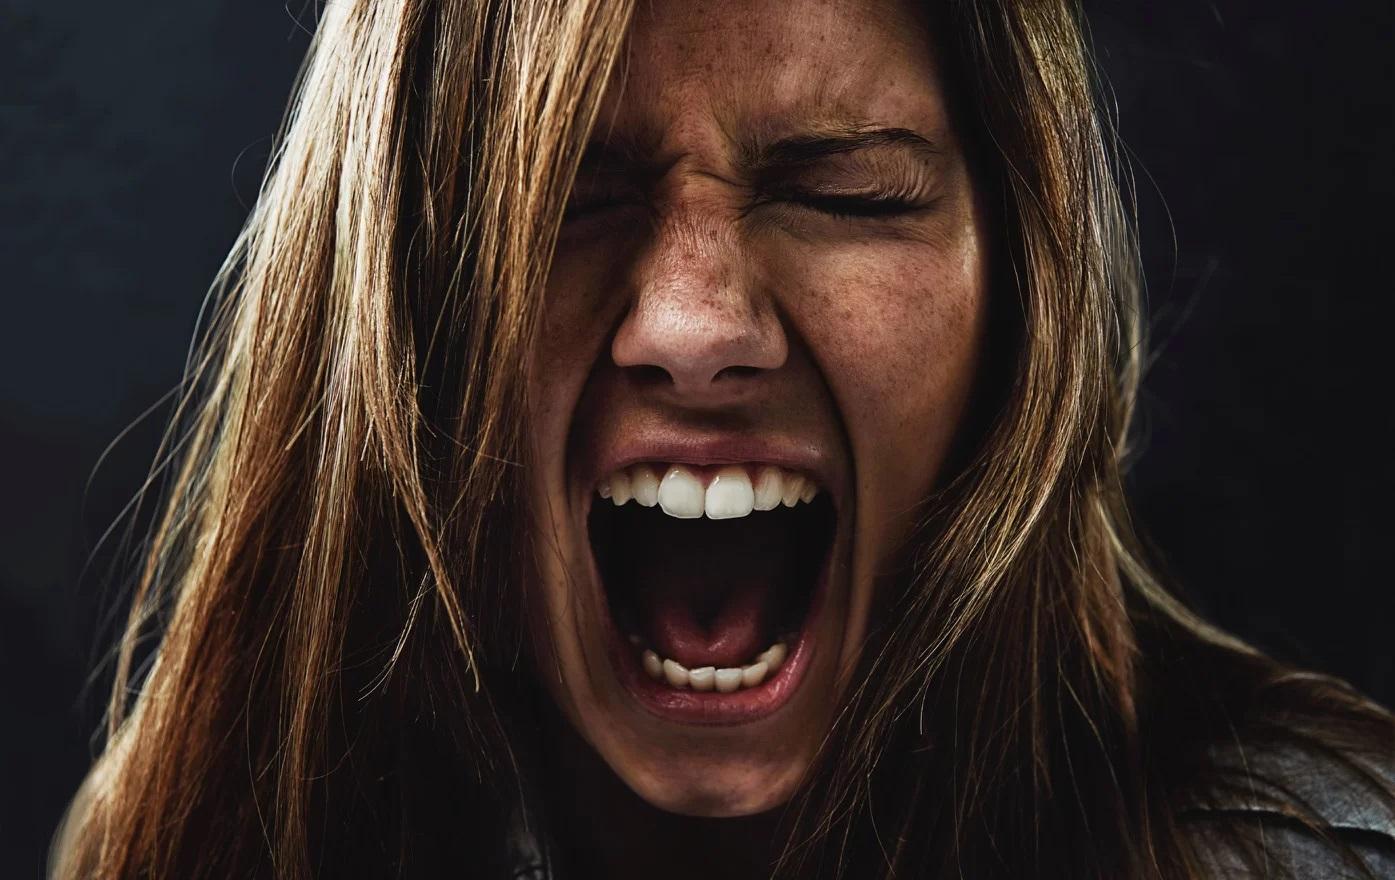 эмоция гнева на фотографии это, прежде всего